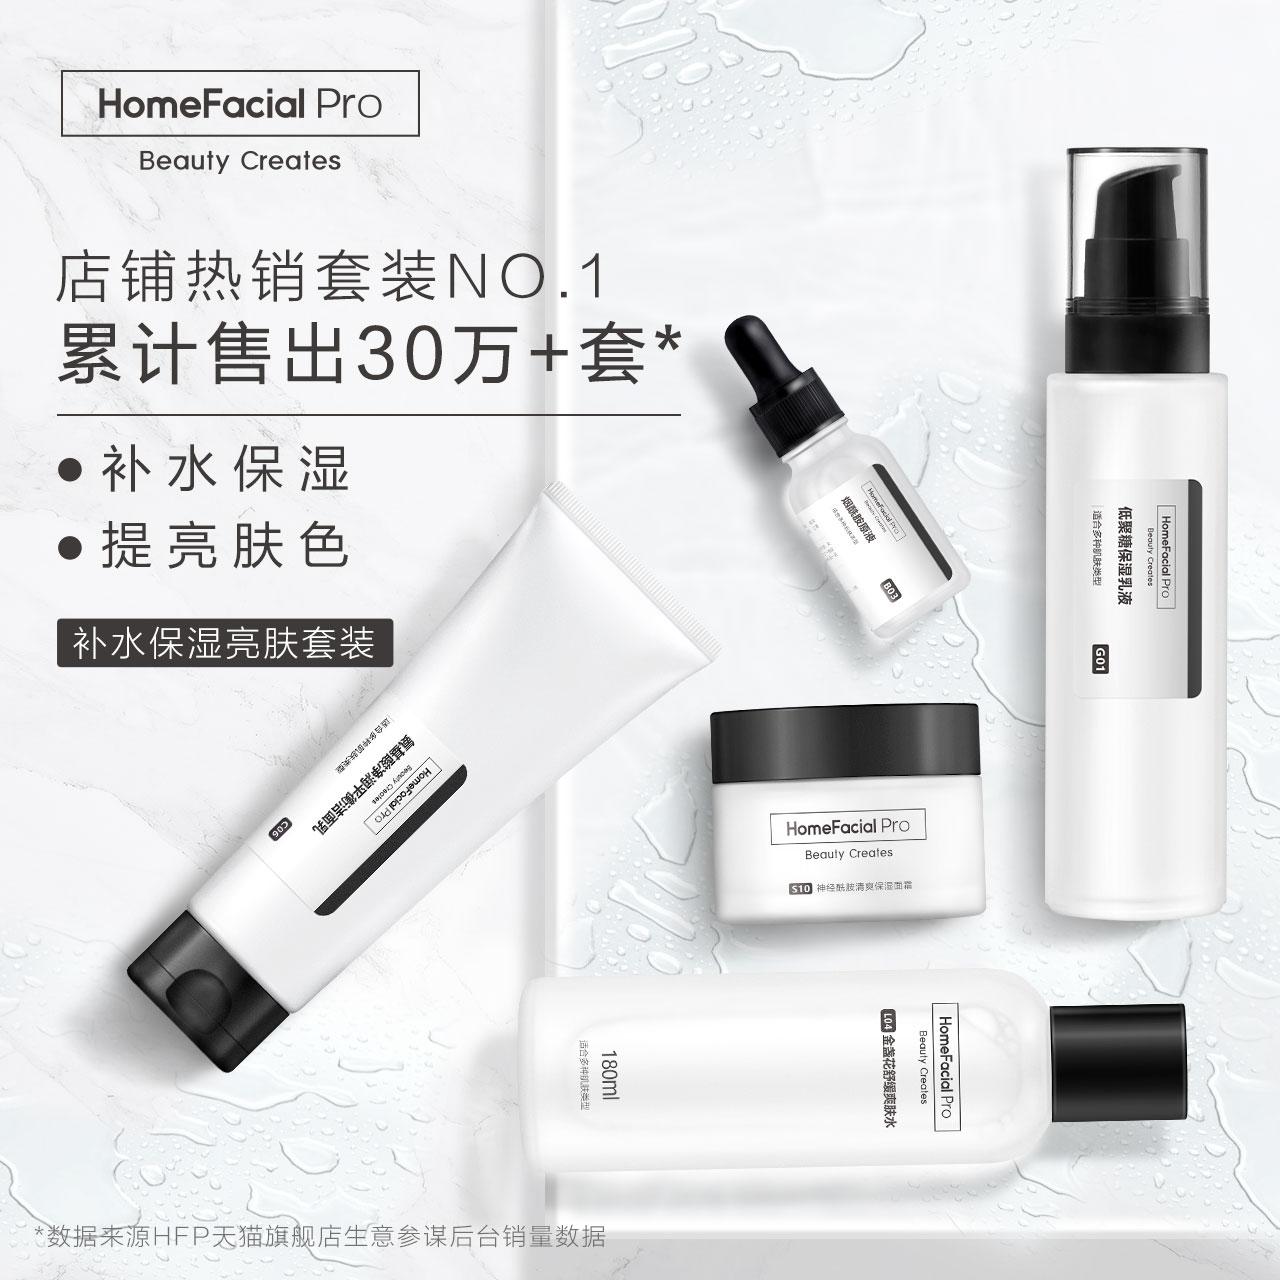 HFP补水保湿亮肤套装 爽肤水乳液控油烟酰胺护肤化妆品正品男女士